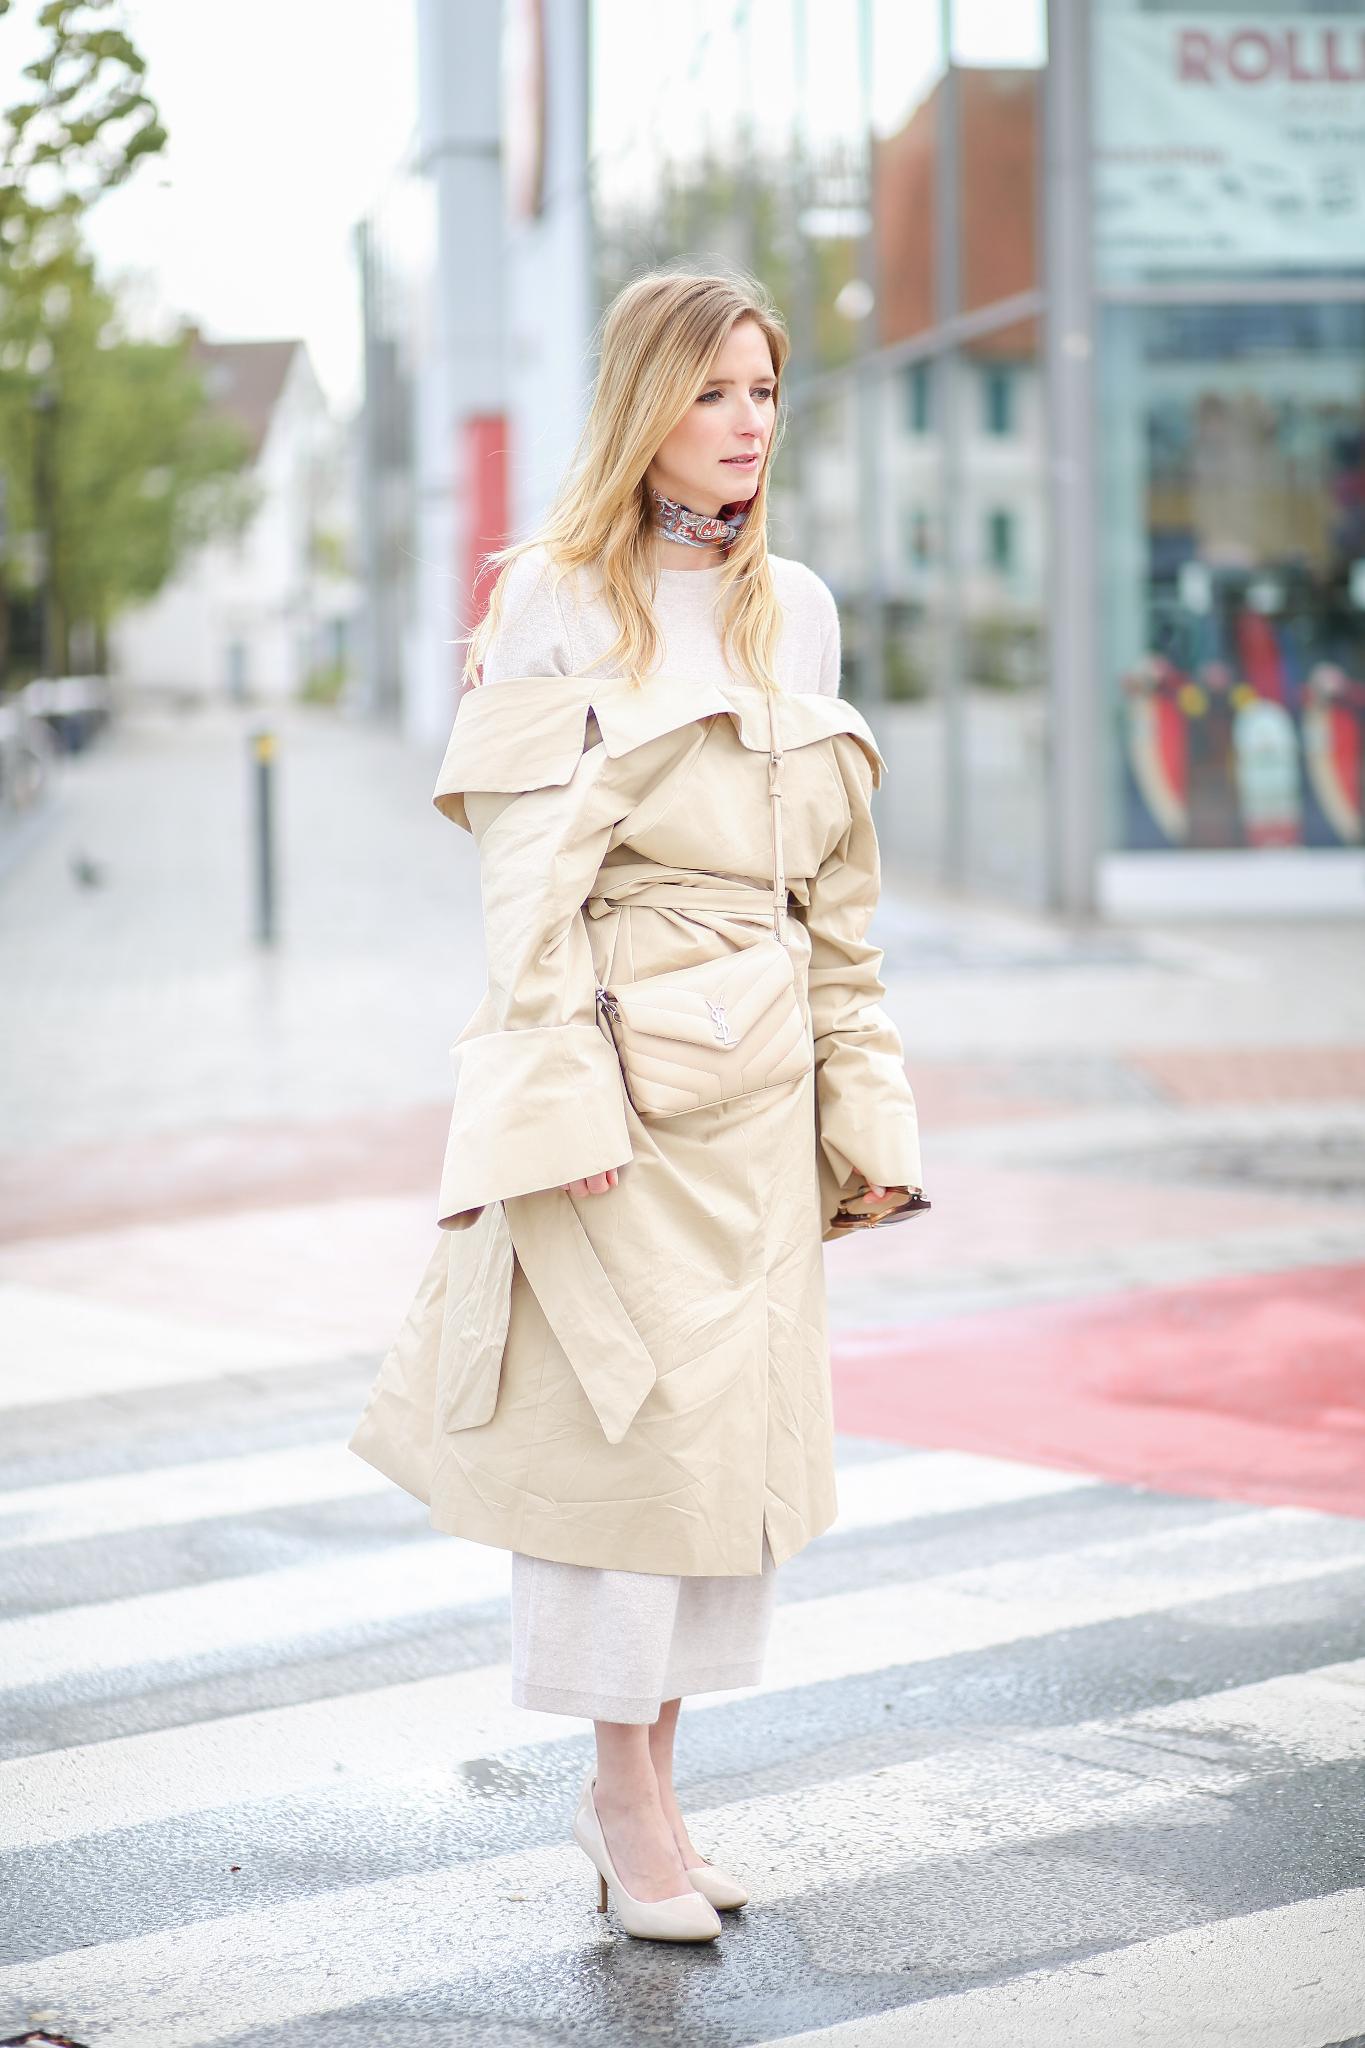 MOD-by-Monique-Fashion-Looks-The-cashmere-dress-9